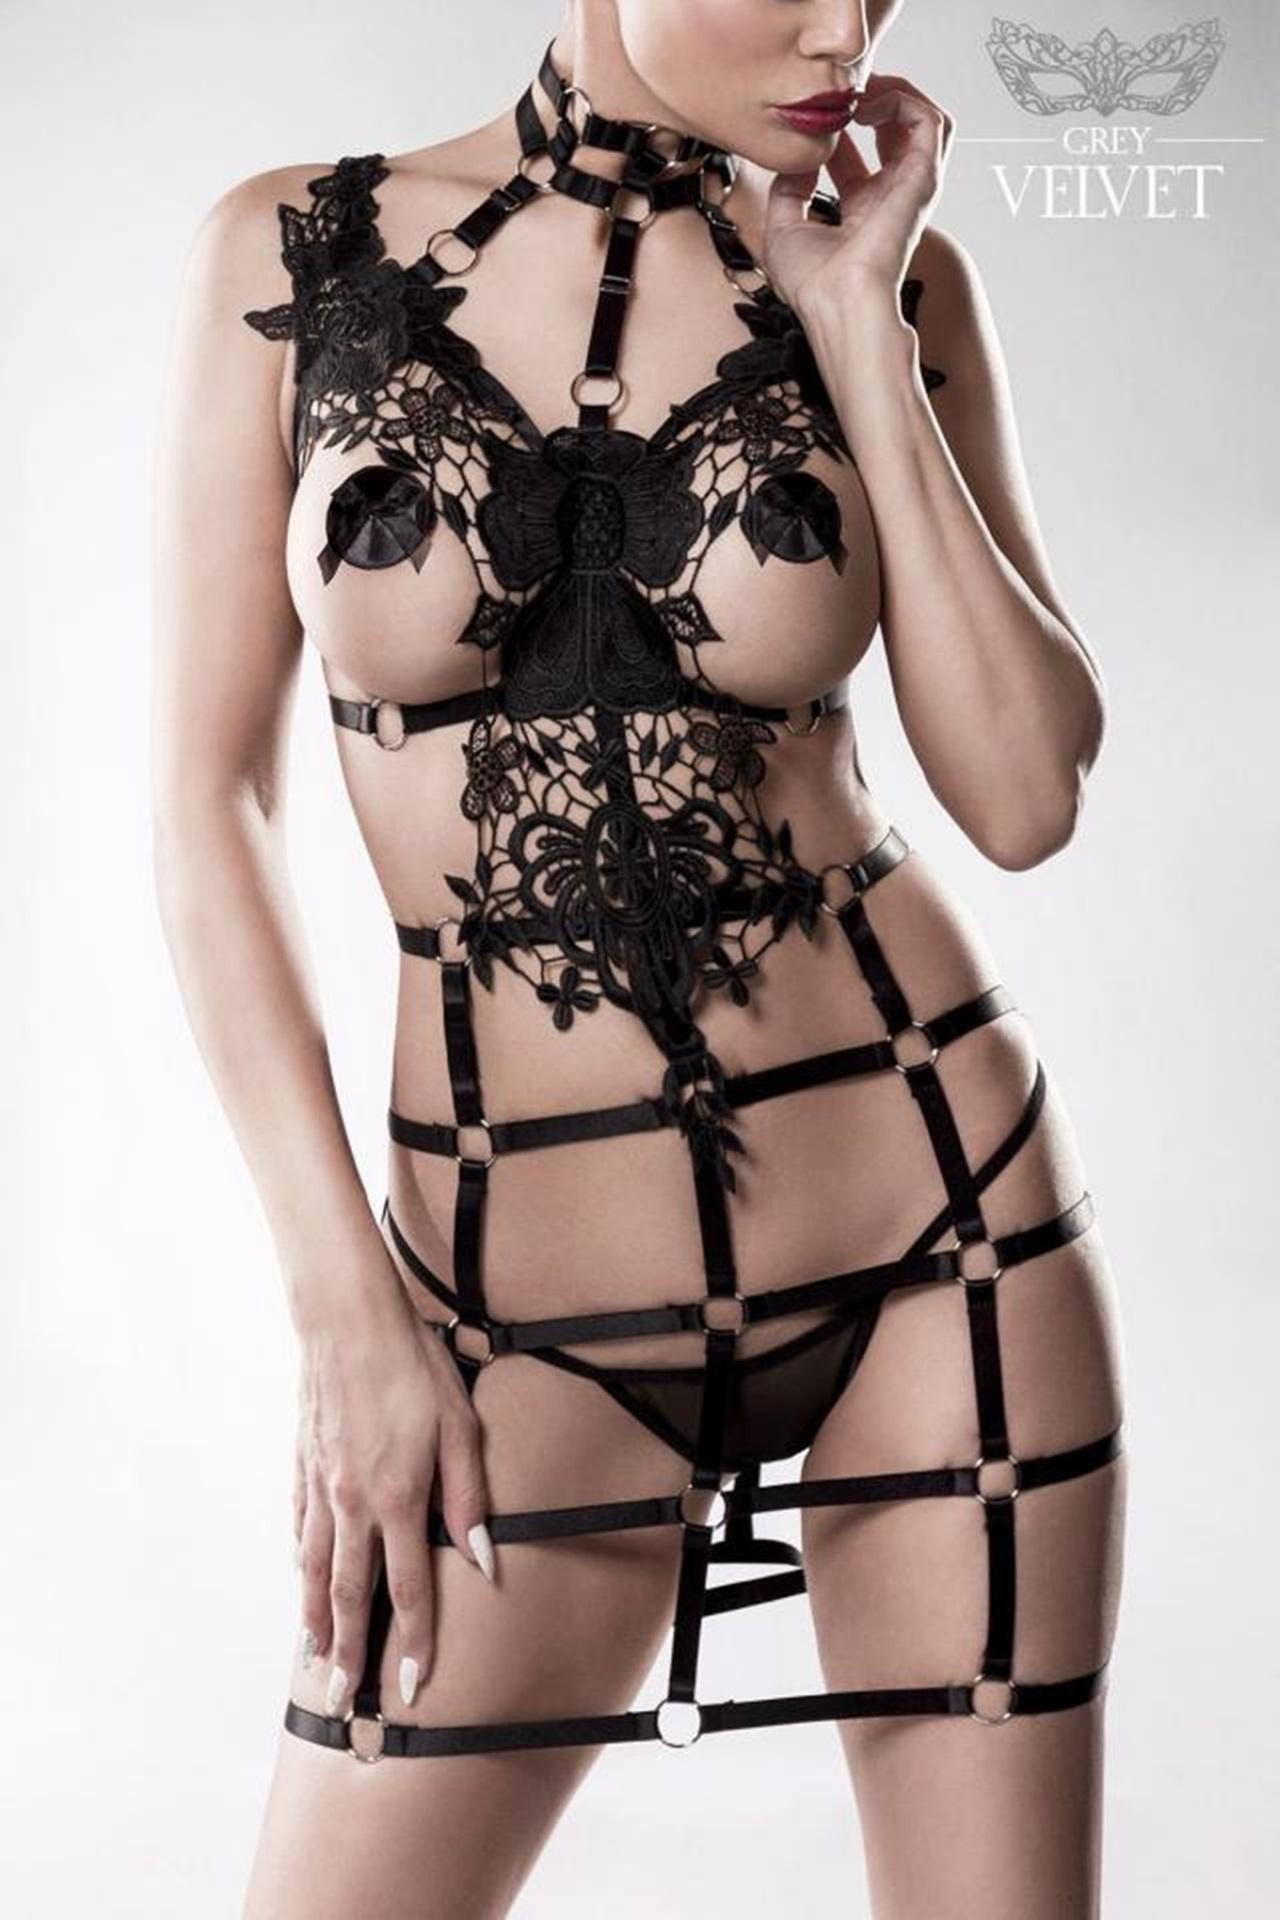 15235  2-teiliges Harness Set von Grey Velvet